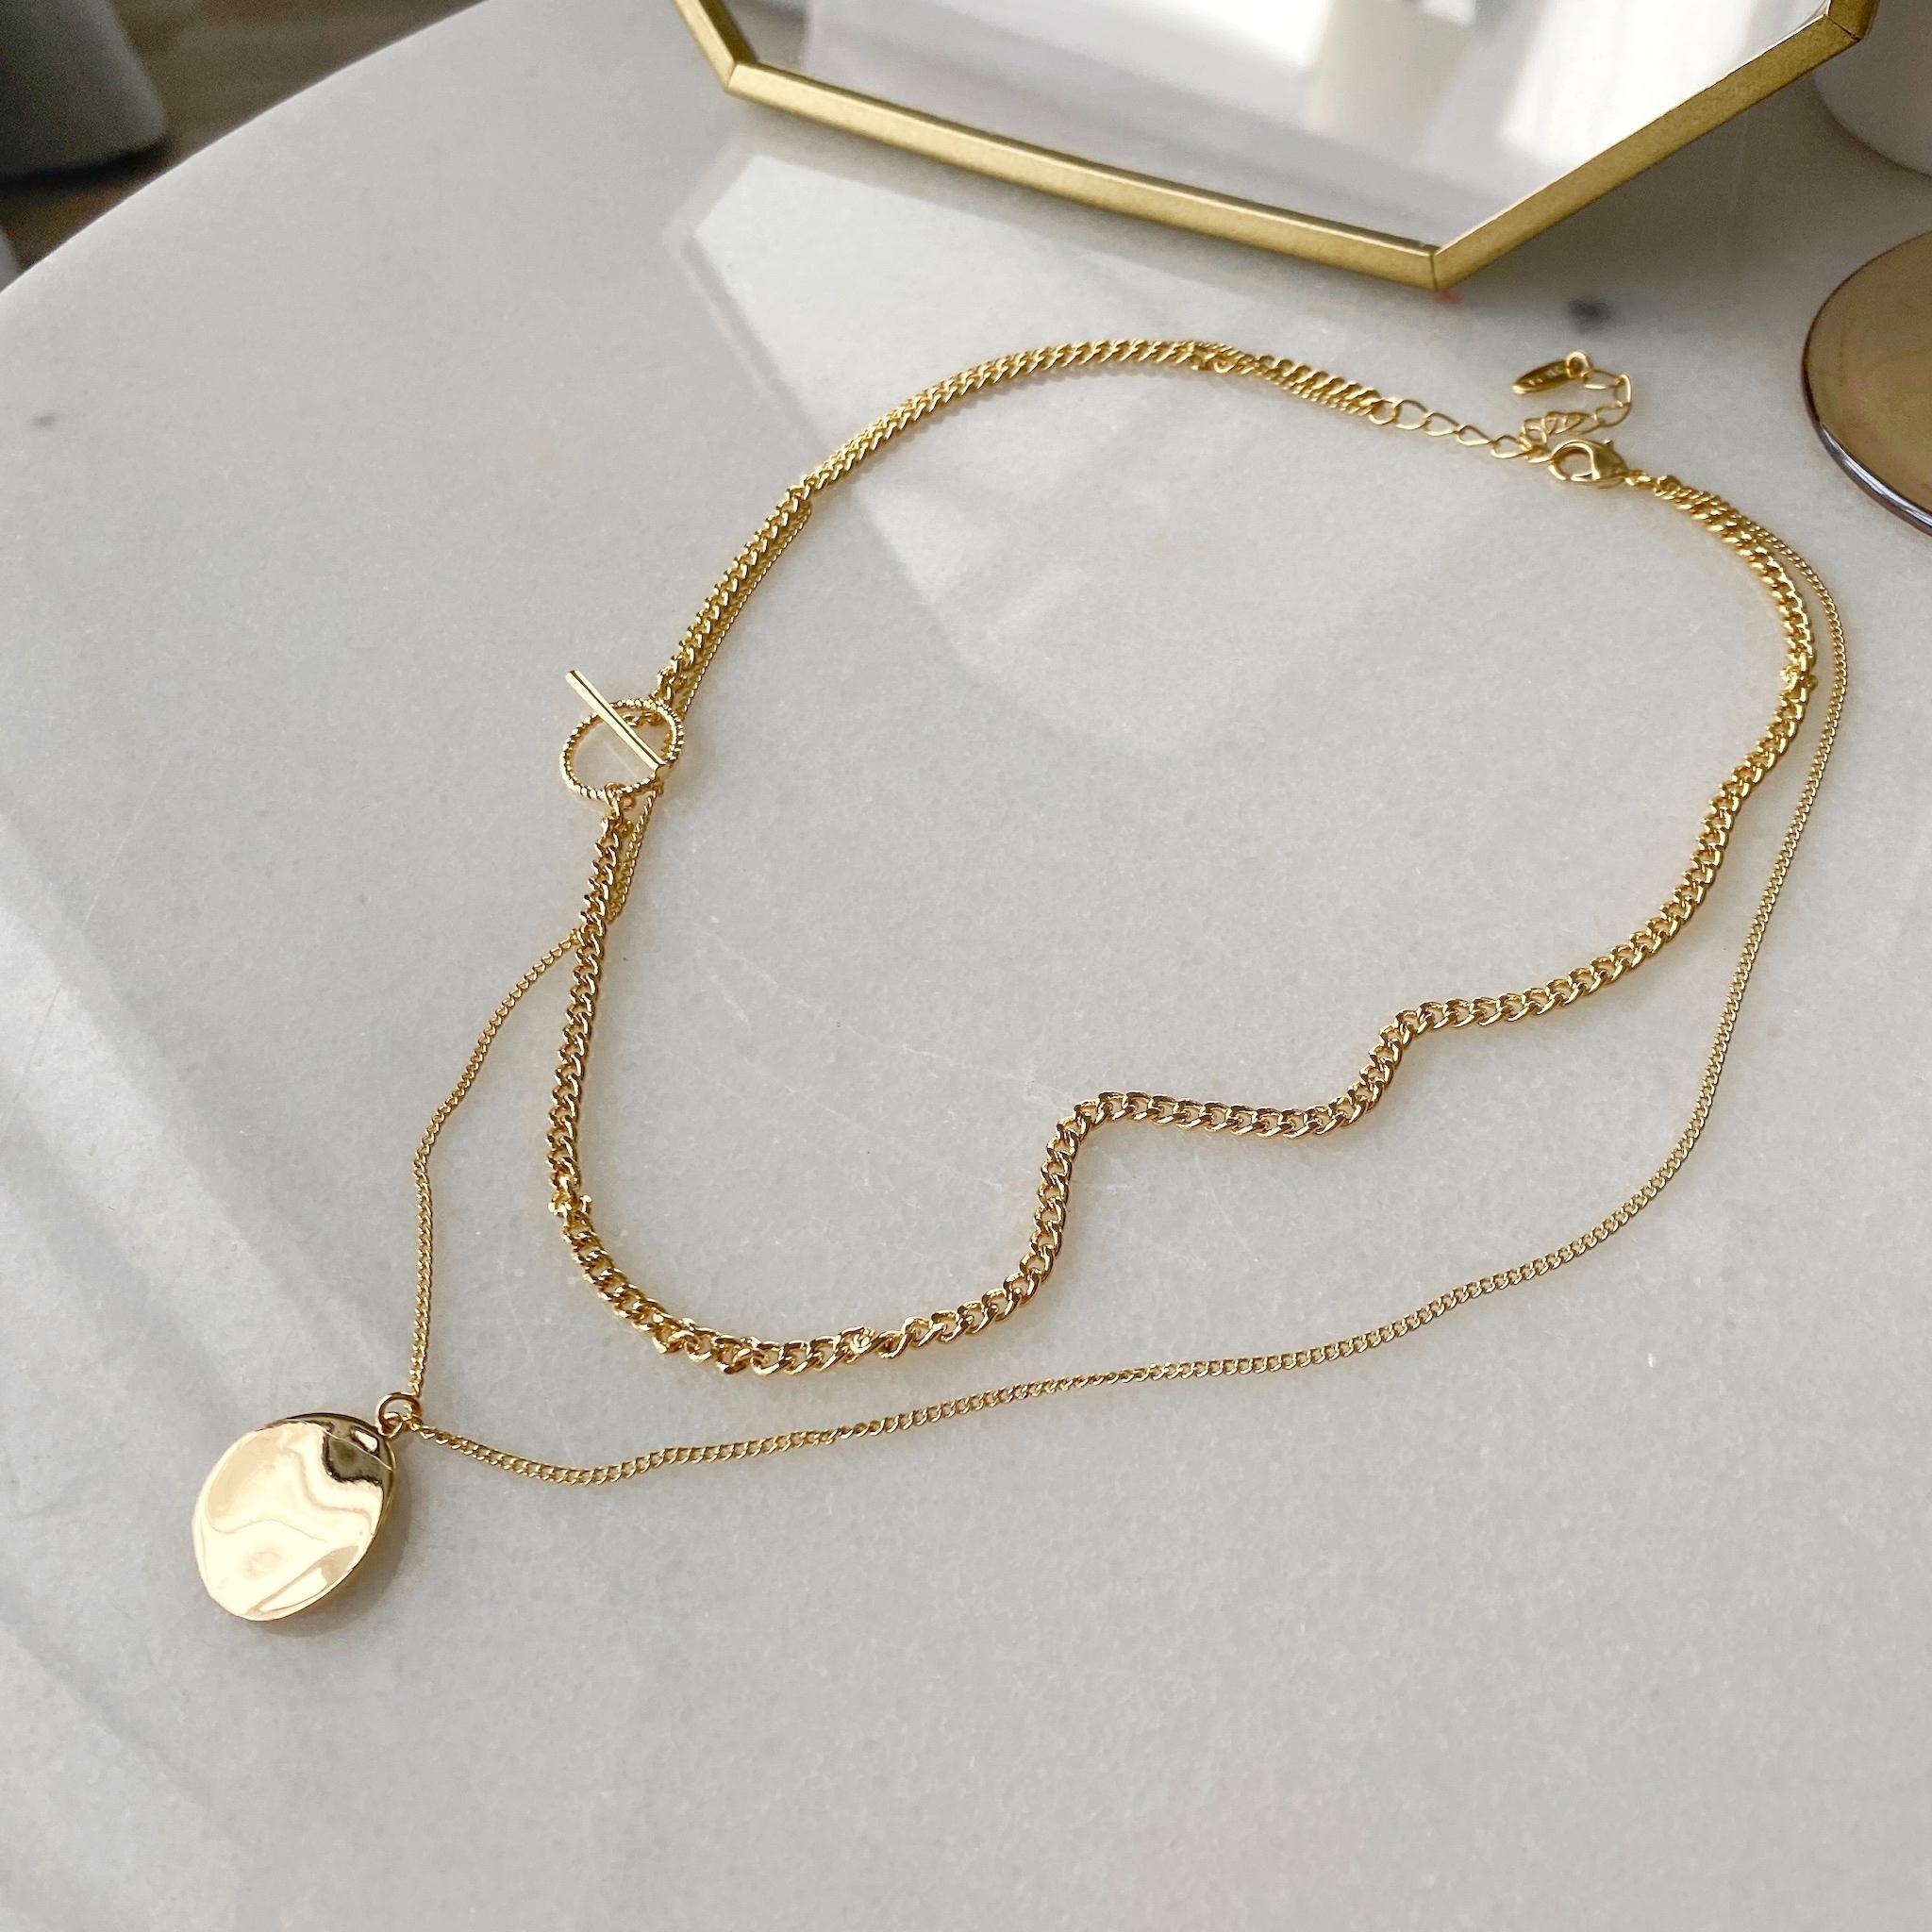 Цепь двурядная с медальоном и застежкой тогл (золотистый)